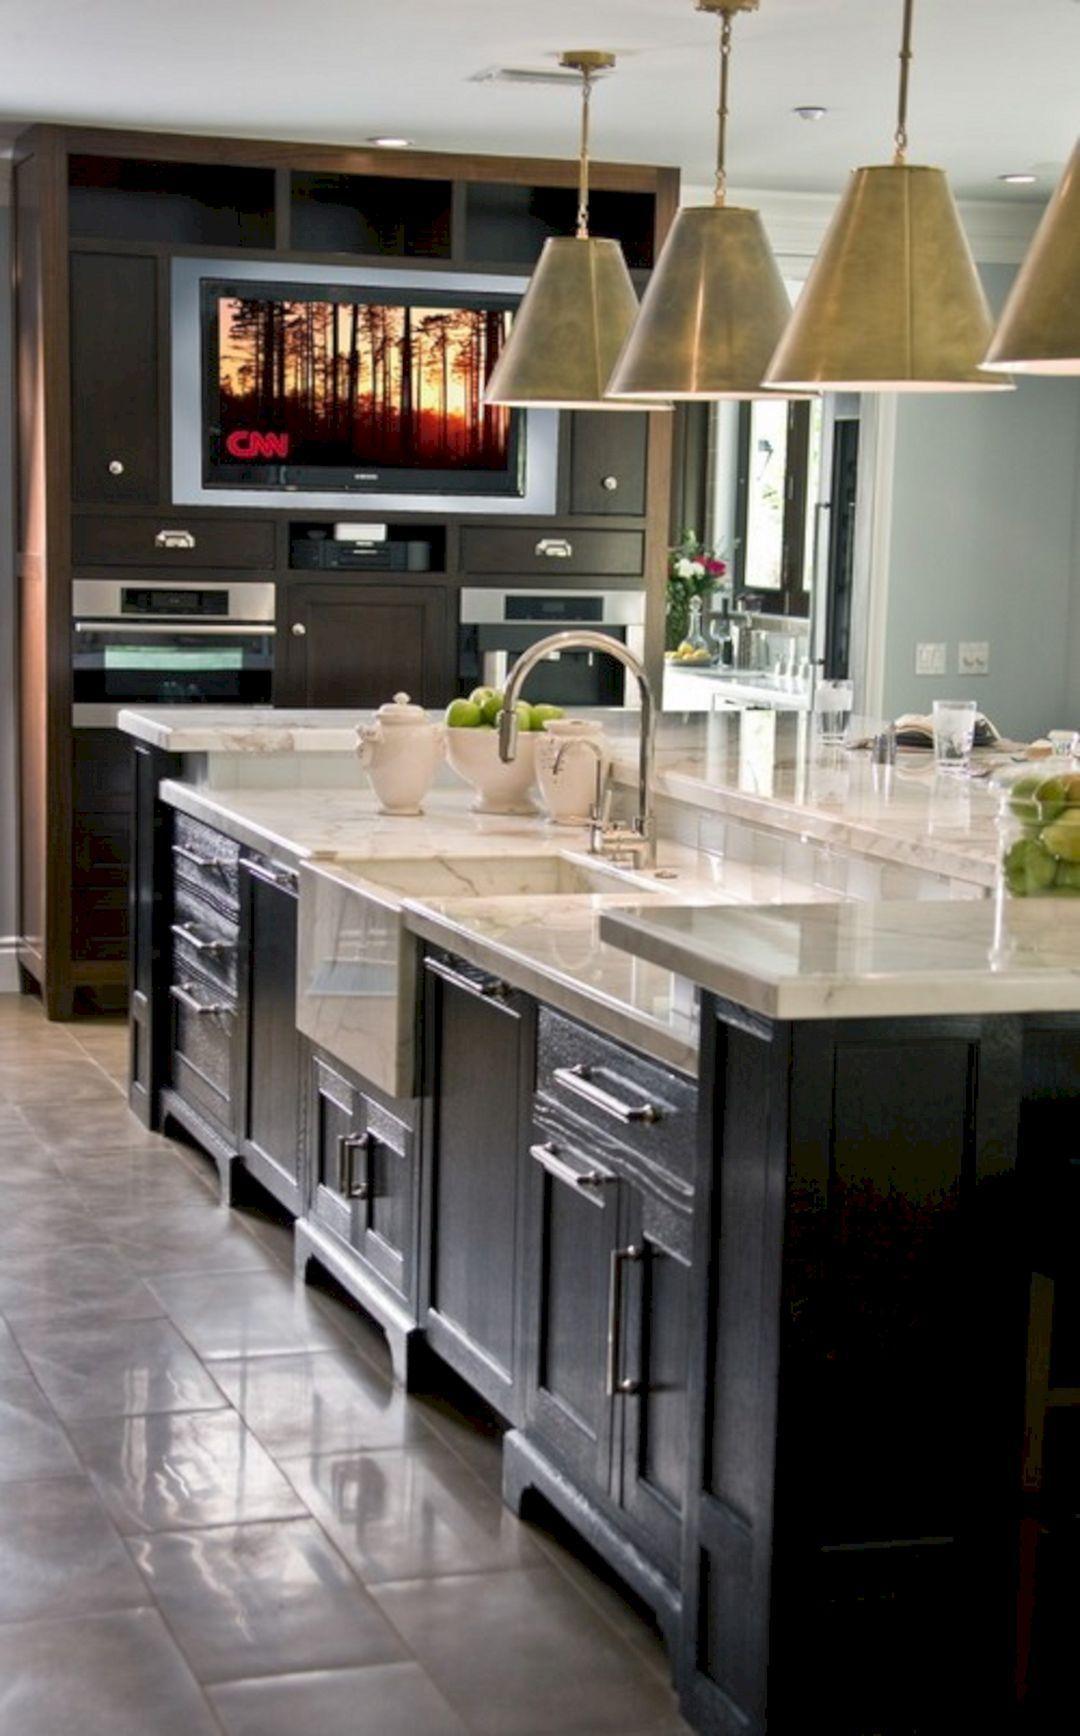 Idea Island Kitchen Kücheninsel Mit Spüle Spülbecken Design Kücheninsel Sitz